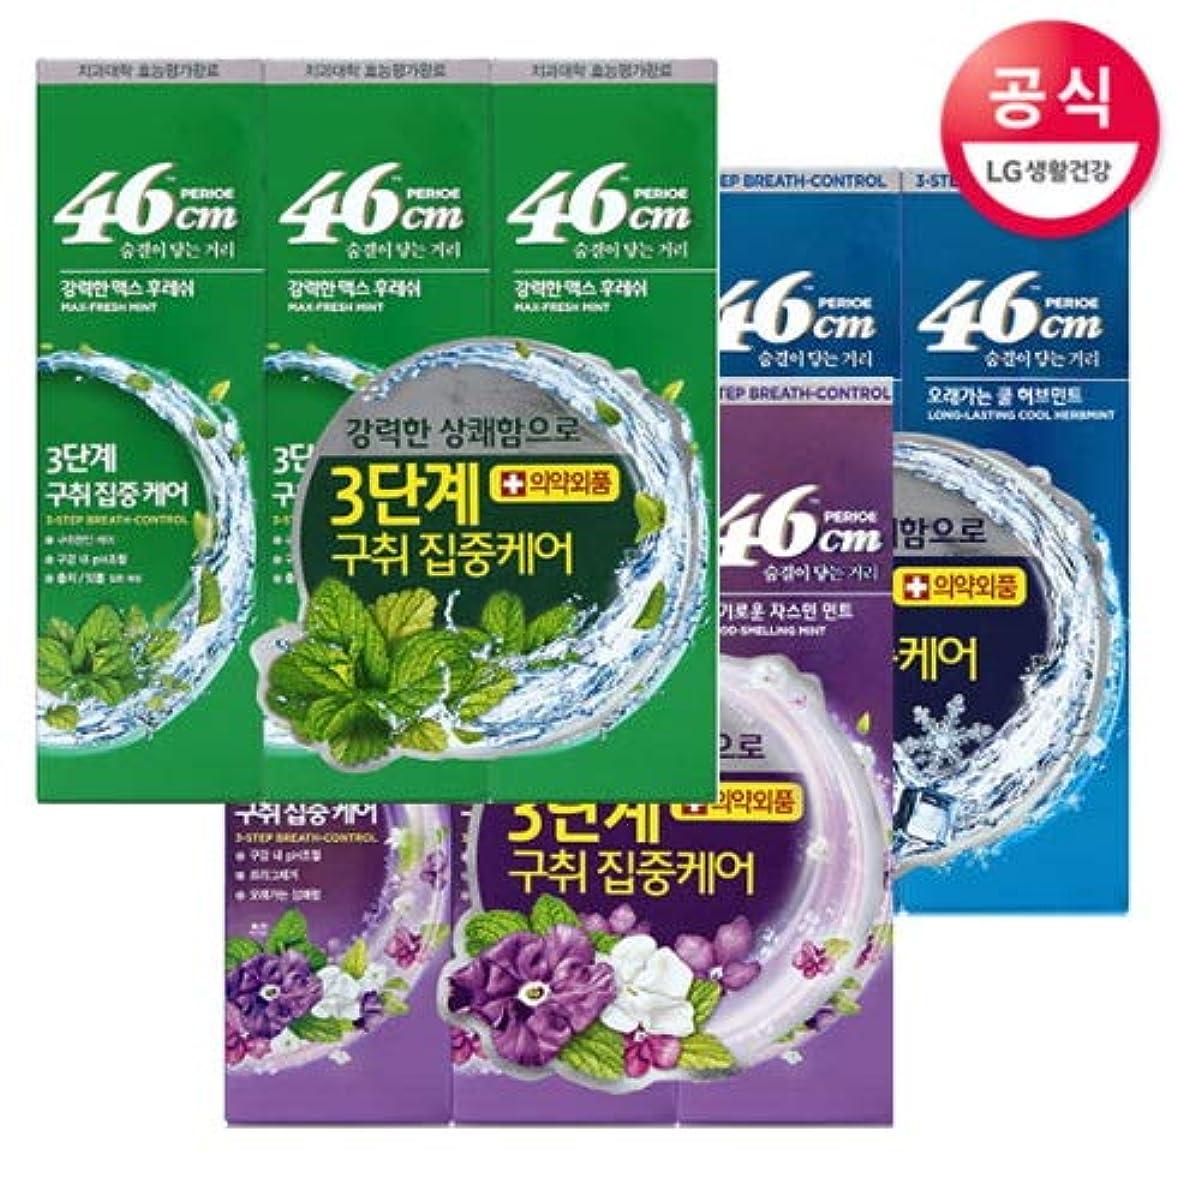 叙情的なオーナー疑わしい[LG HnB] Perio 46cm toothpaste /ペリオ46cm歯磨き粉 100gx9個(海外直送品)